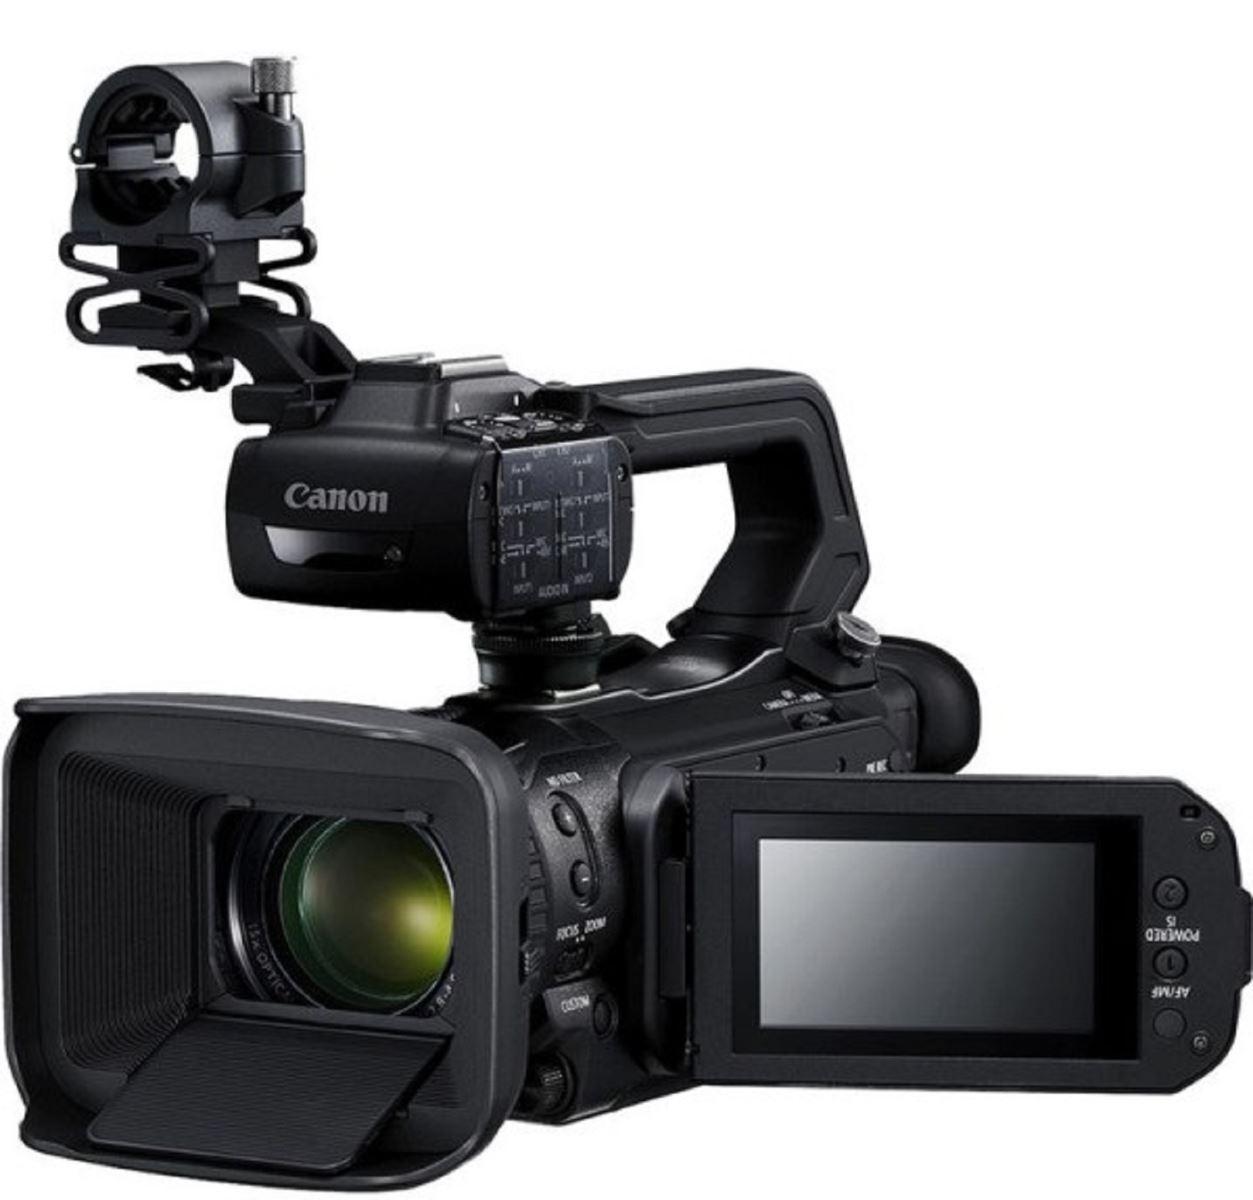 Canon ra mắt 2 máy quay mớiXA45vàXA55, máy quay chuyên nghiệp chuẩn 4K đầu tiên